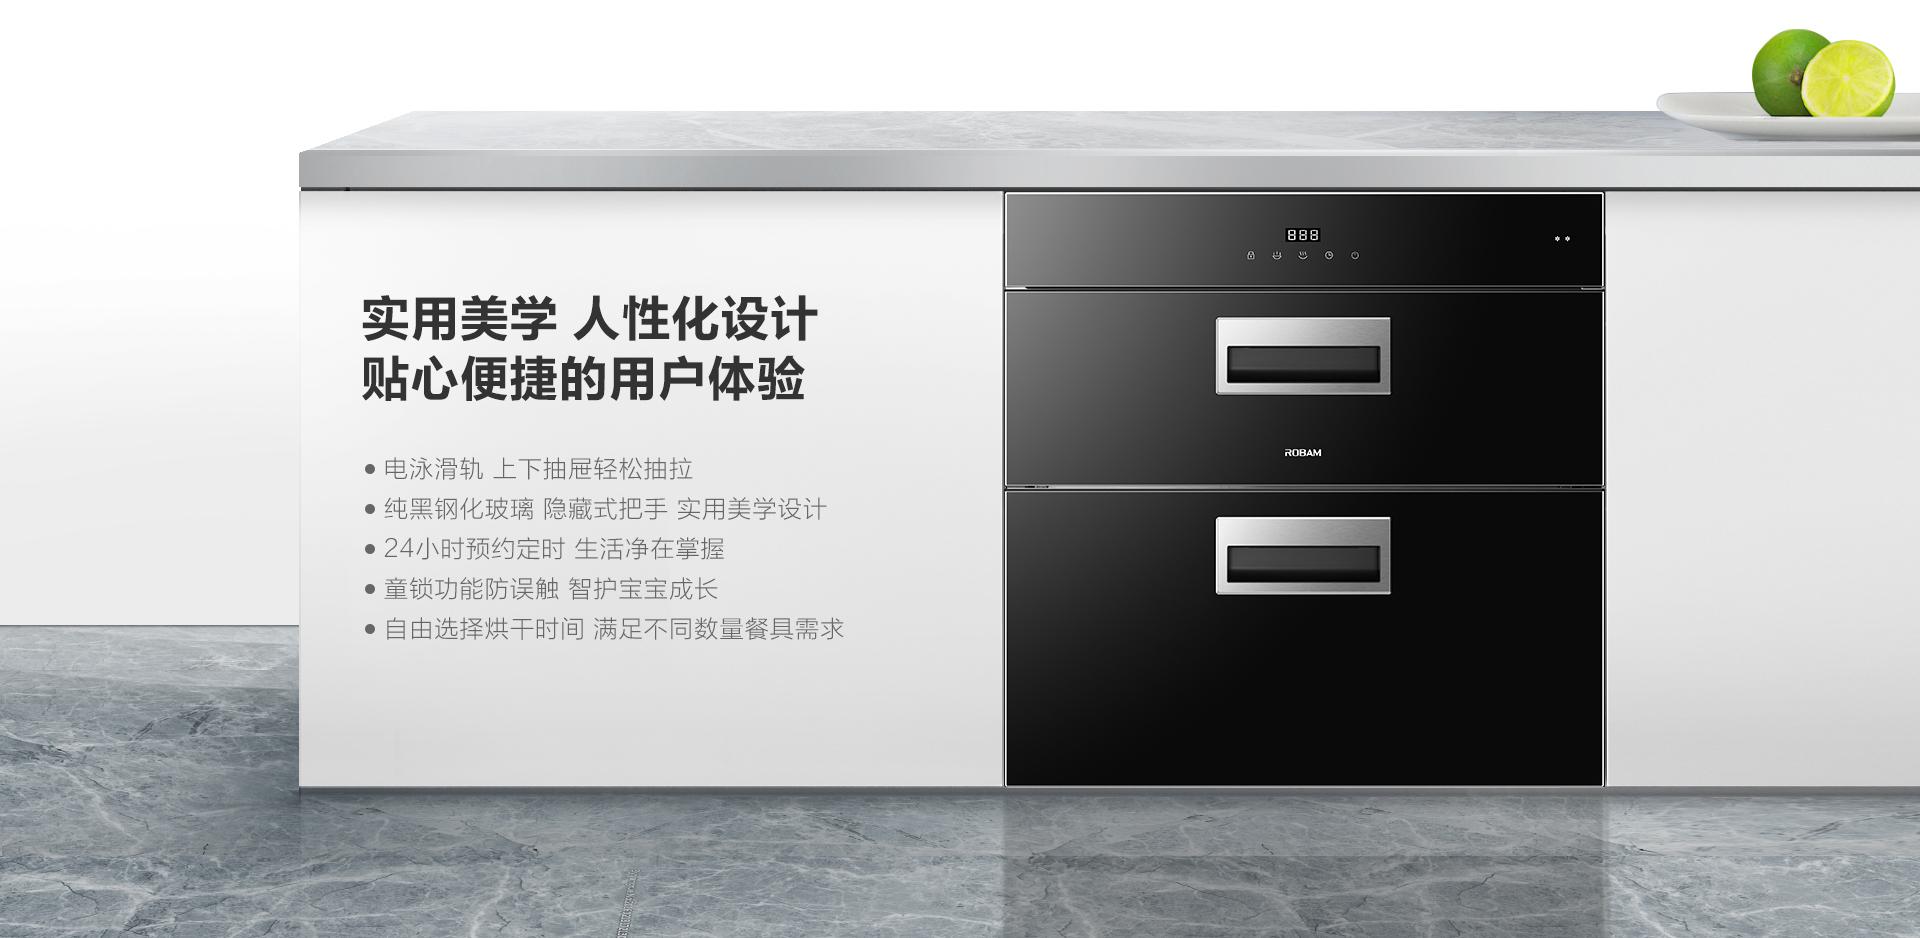 XB821消毒柜-上新-PC端-201116_05.jpg